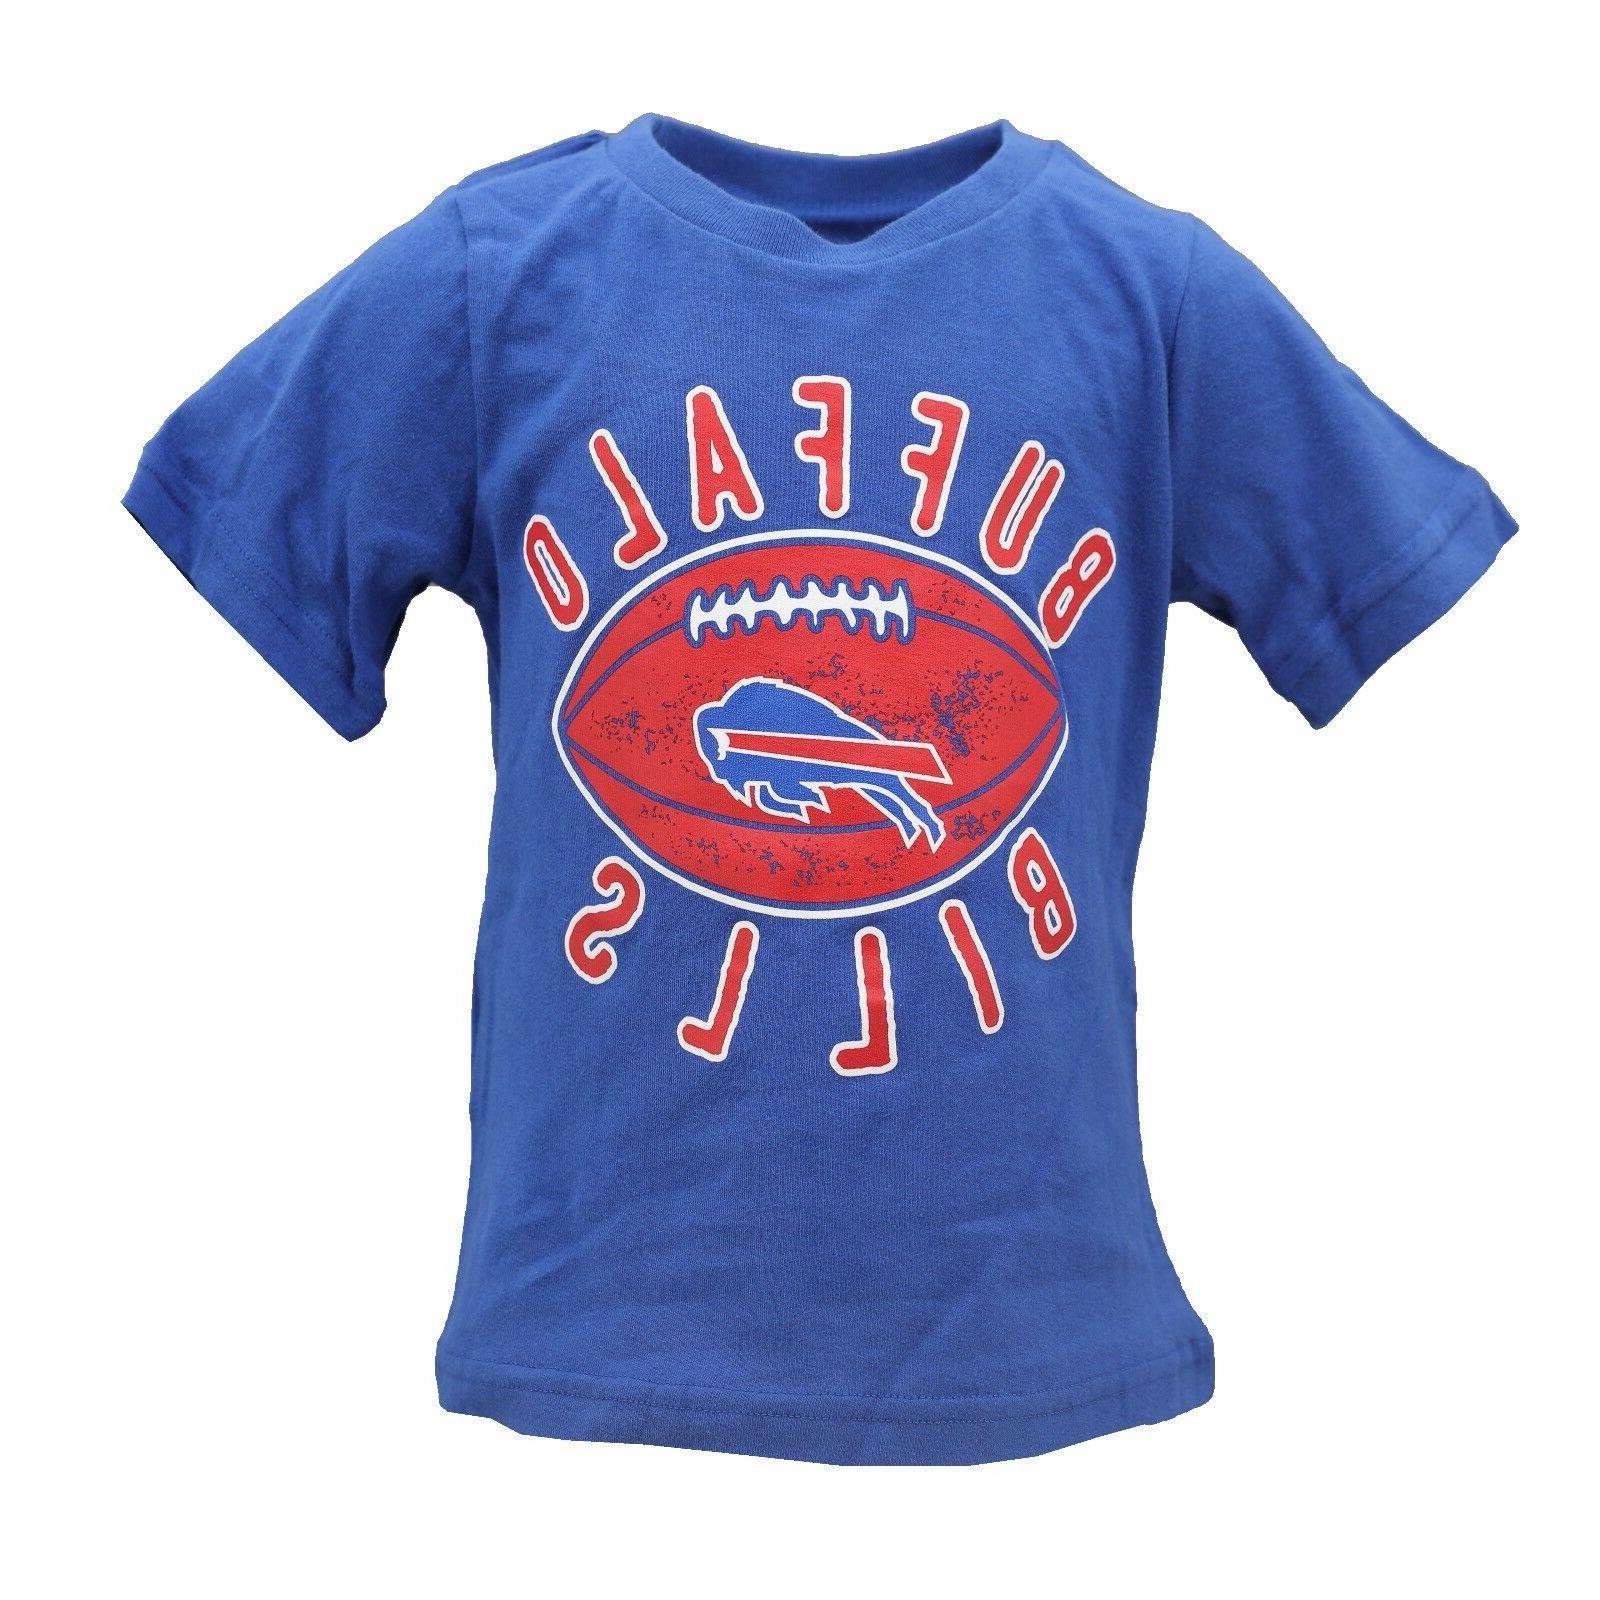 buffalo bills official infant toddler t shirt